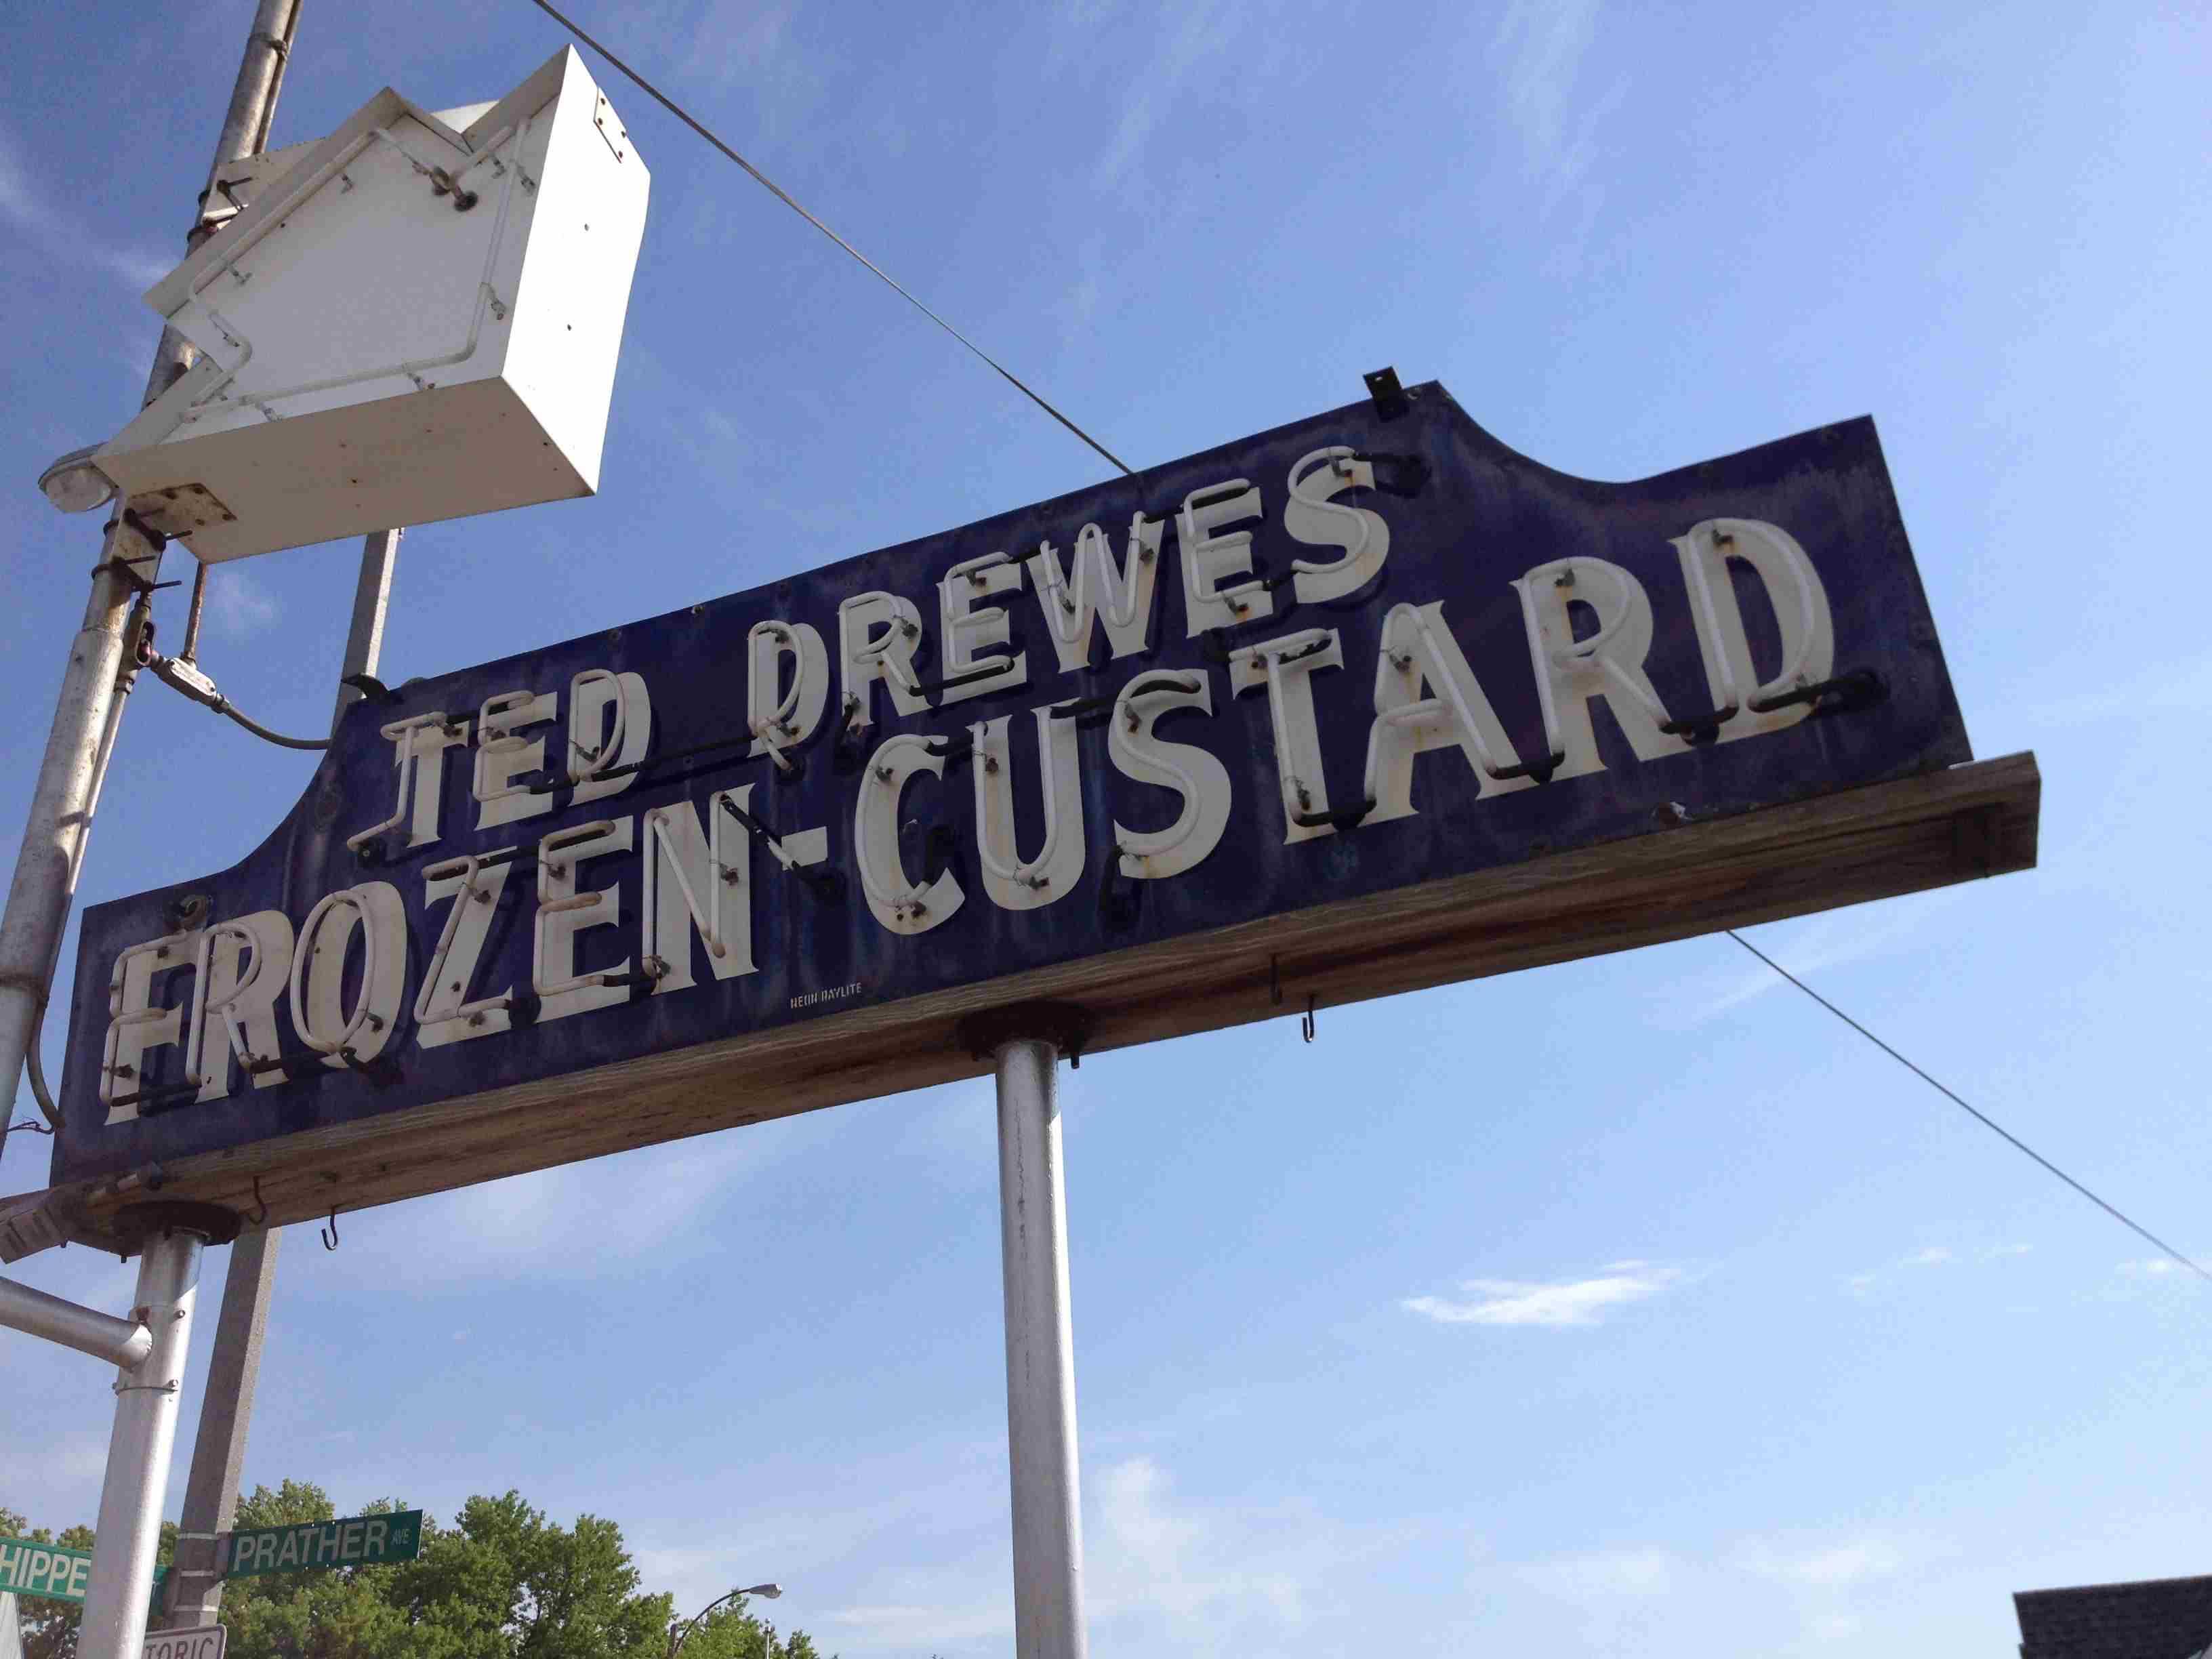 Frozen custard sign